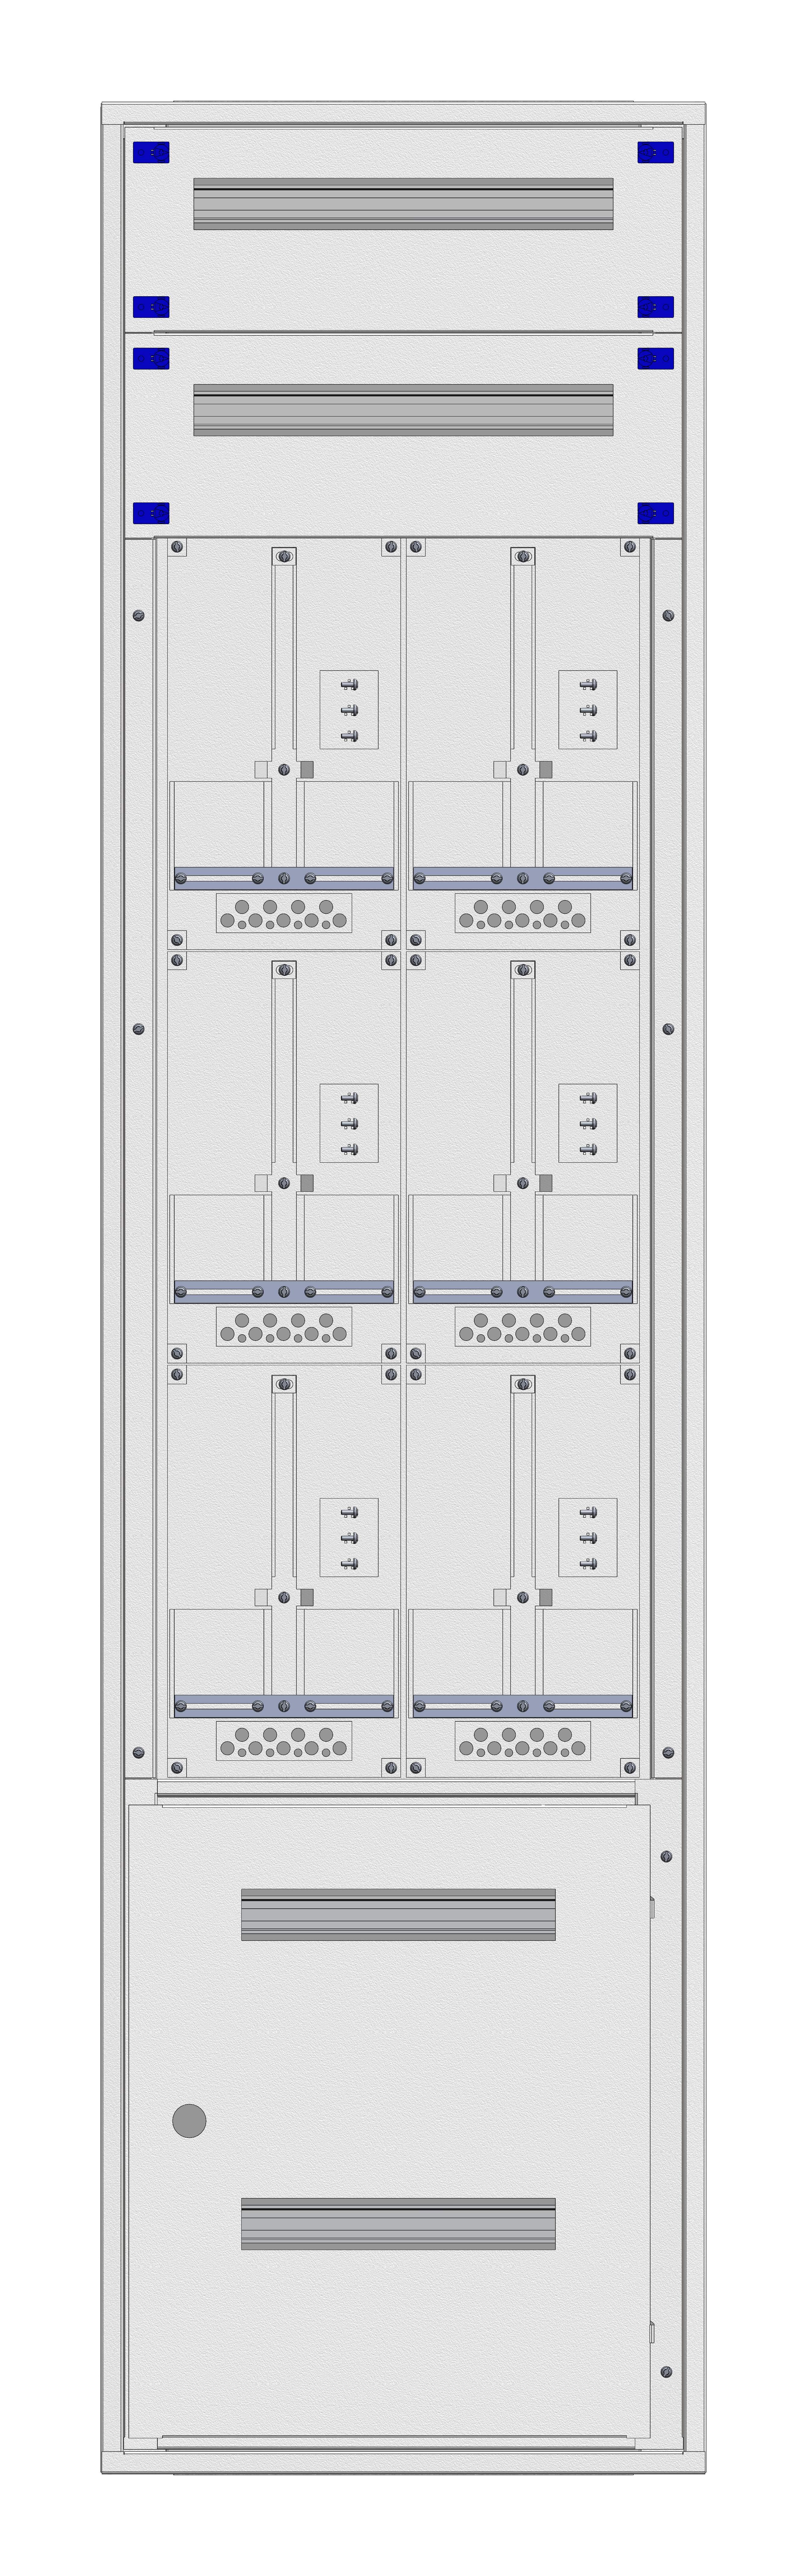 1 Stk Masken-Zählerverteiler 2M-45M/STMK 6ZP, H2130B540T200mm IL122245GS